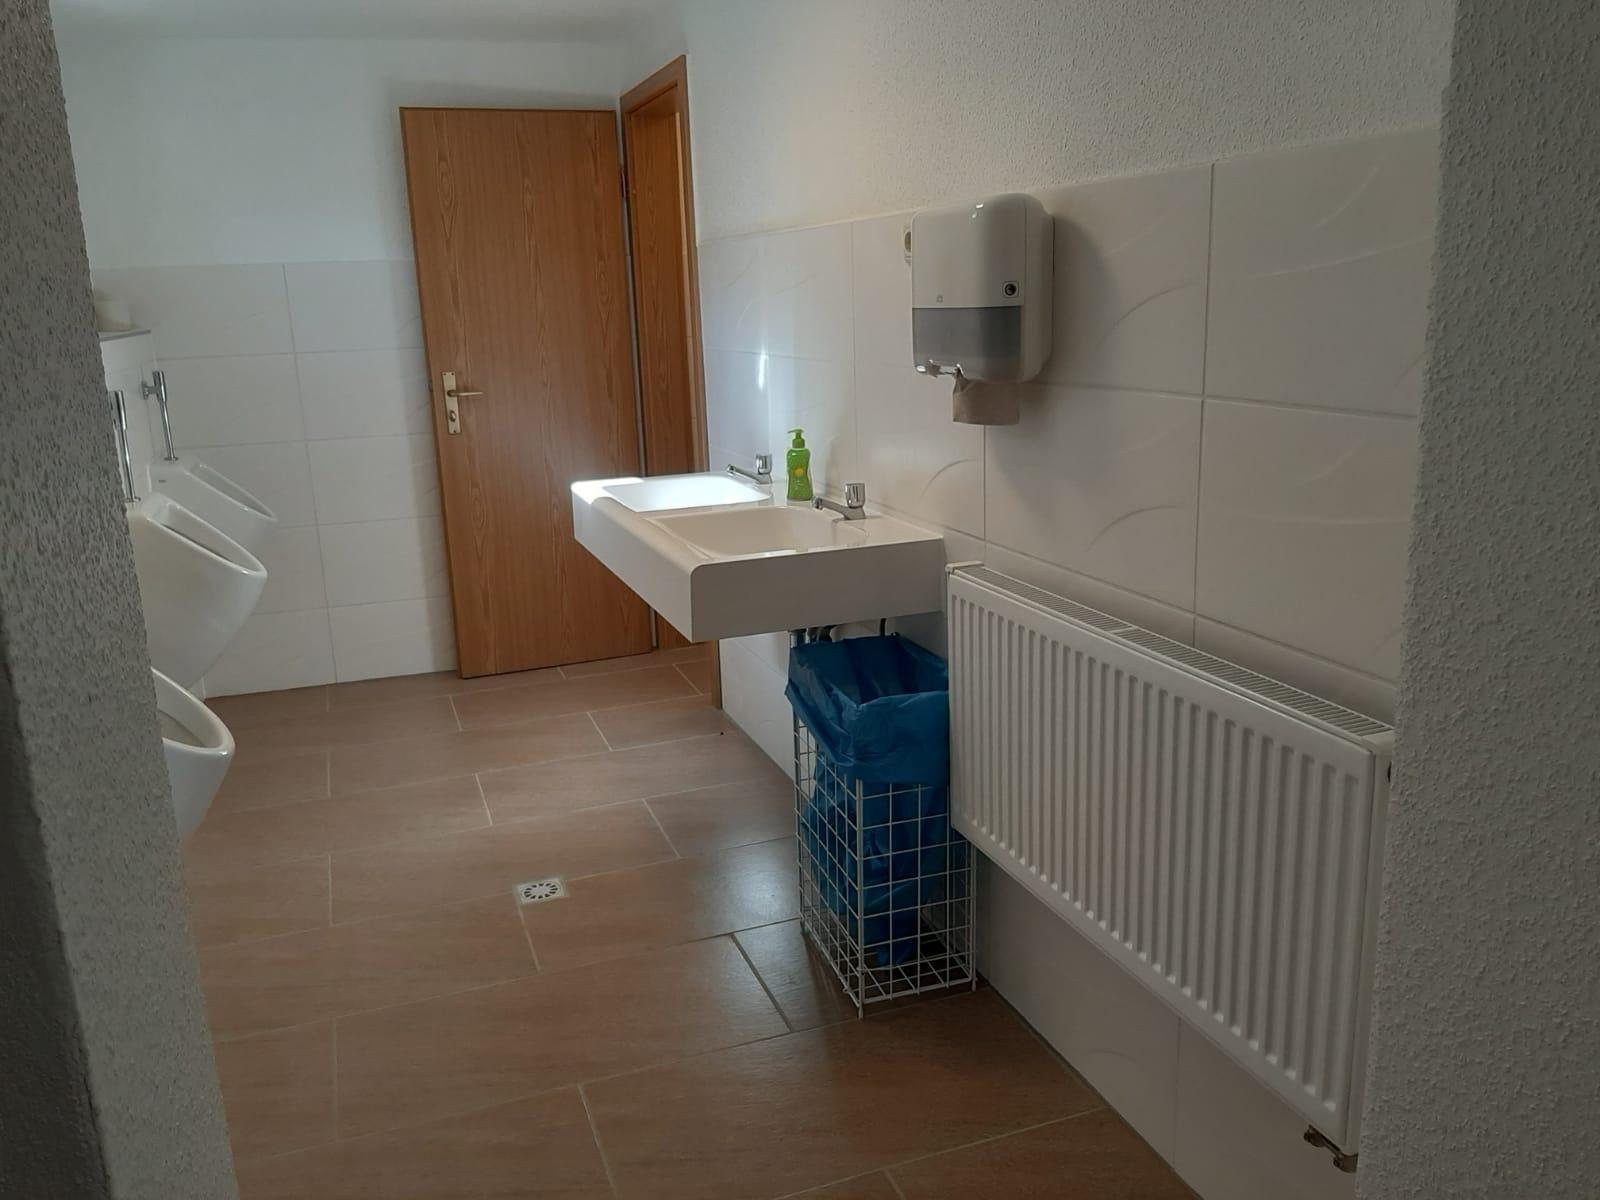 Urinale und Waschbecken.jpg